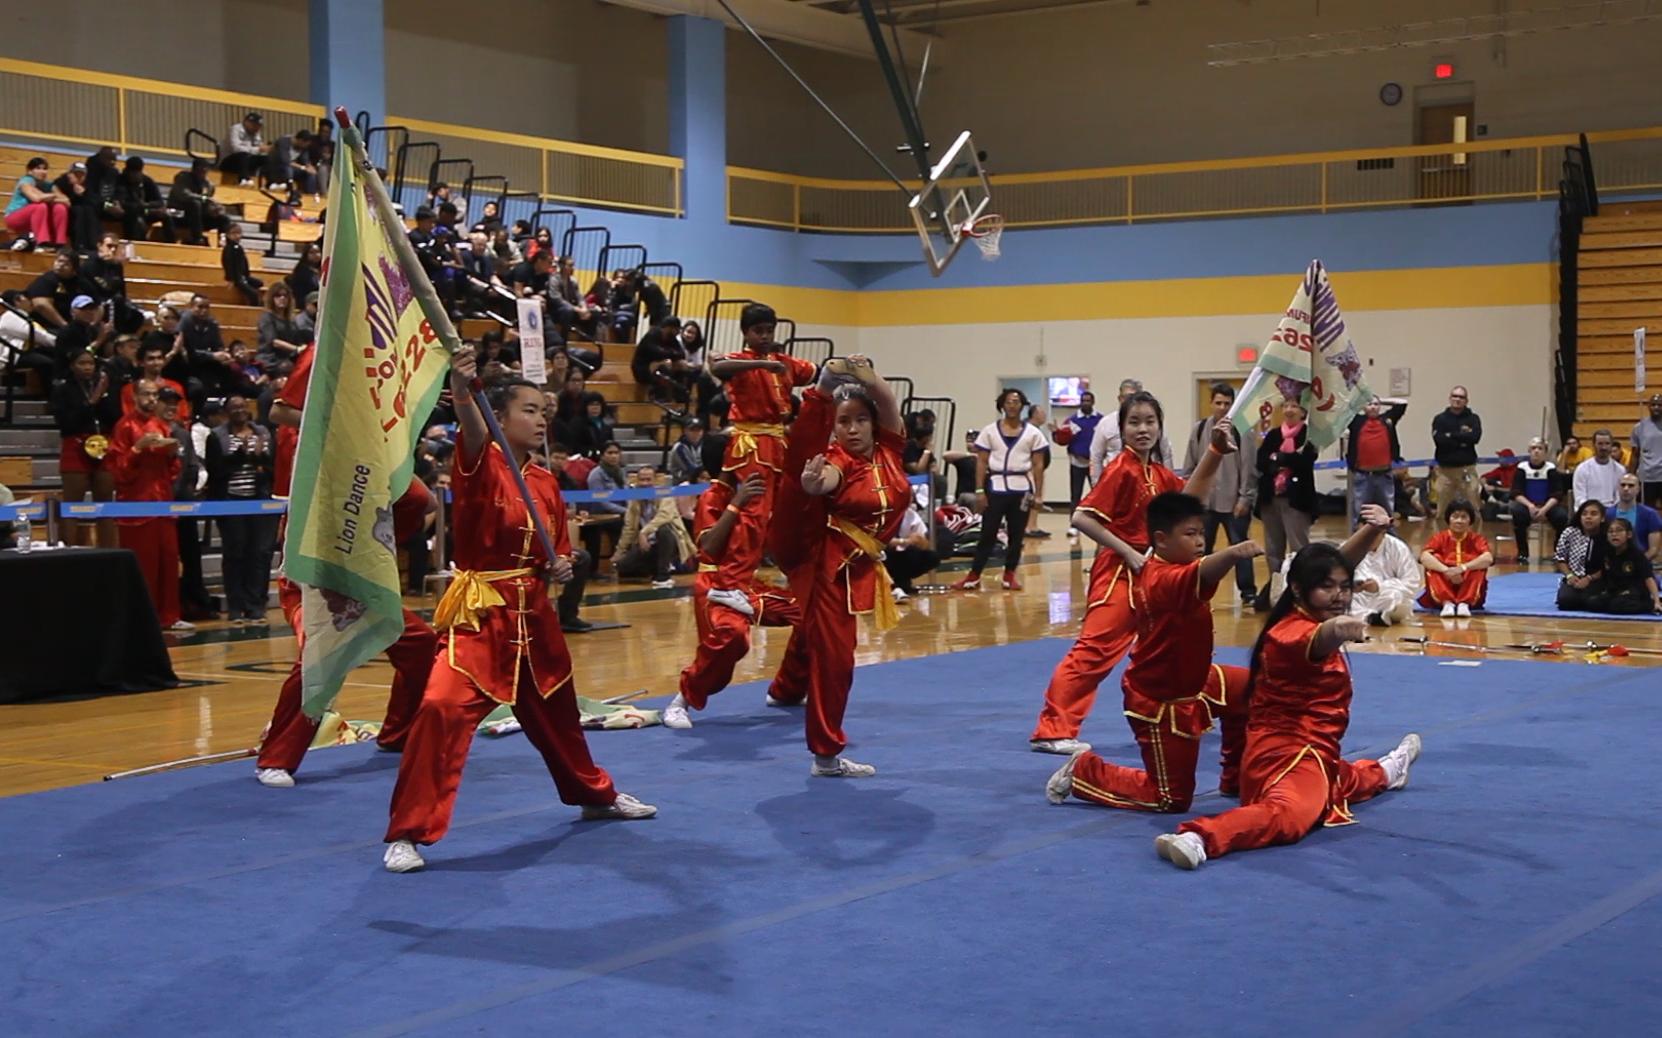 2019世界武术公开赛开幕式-团体表演